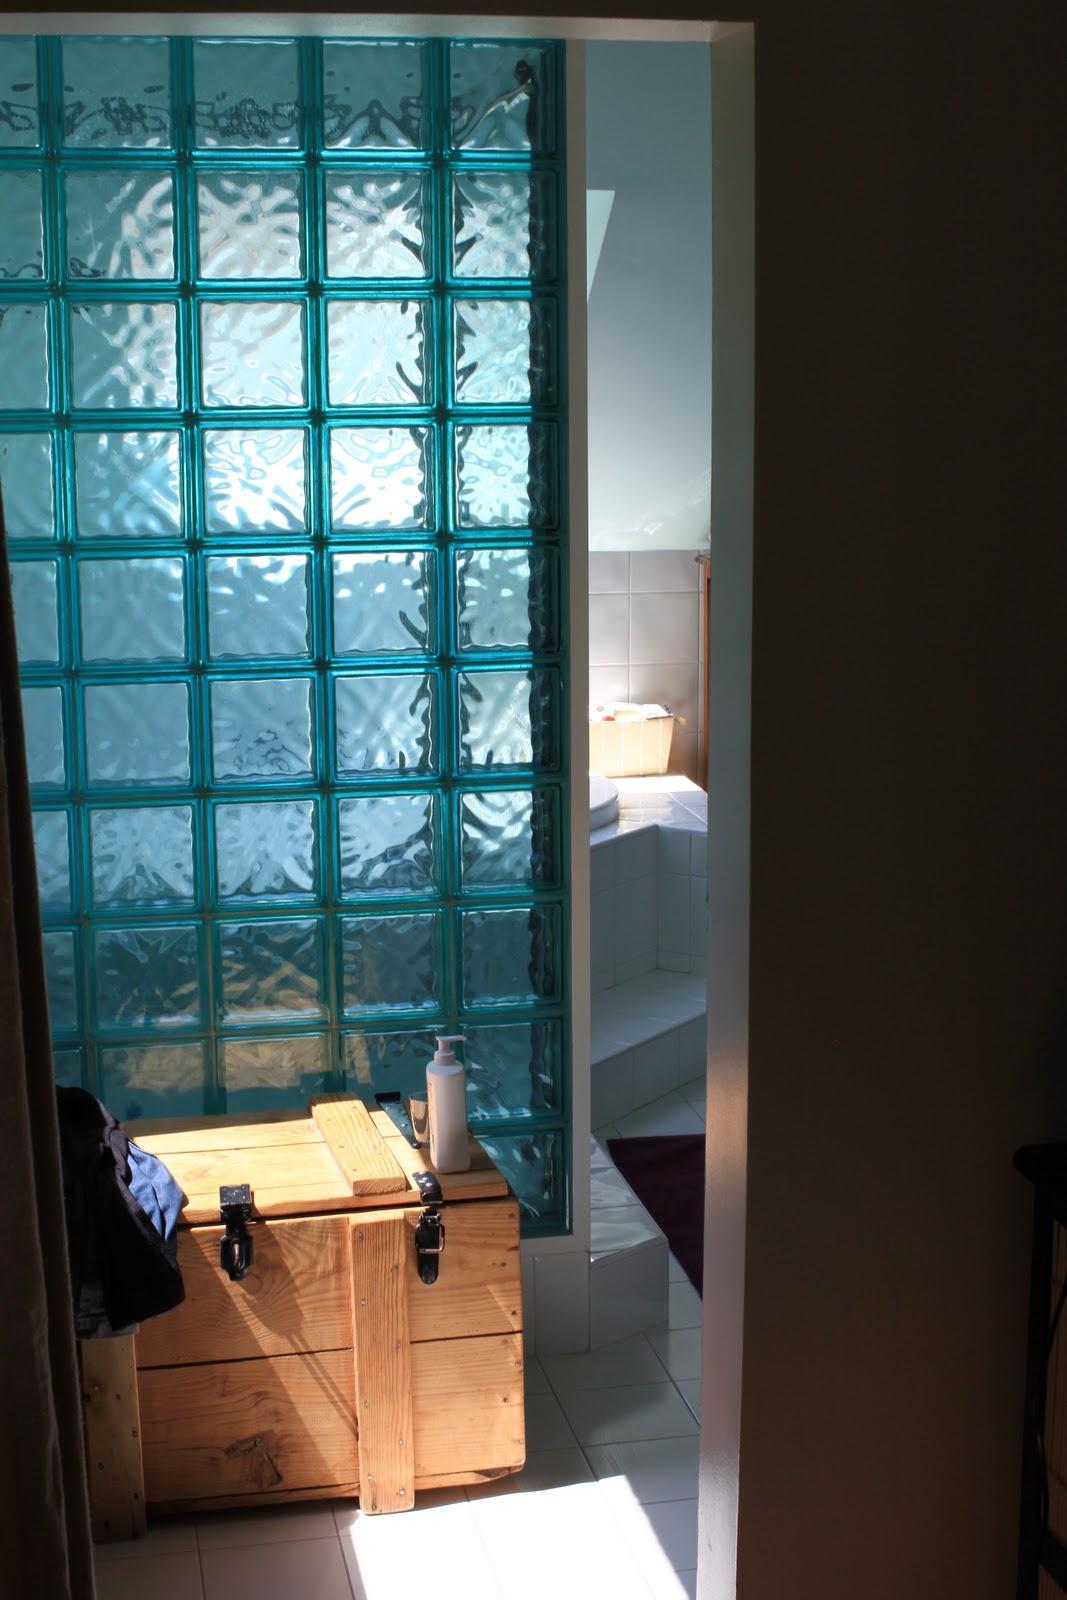 #9A5C31 Indogate.com Chambre Avec Salle De Bain Et Dressing 3277 suite parentale avec salle de bain et dressing 20m2 1067x1600 px @ aertt.com